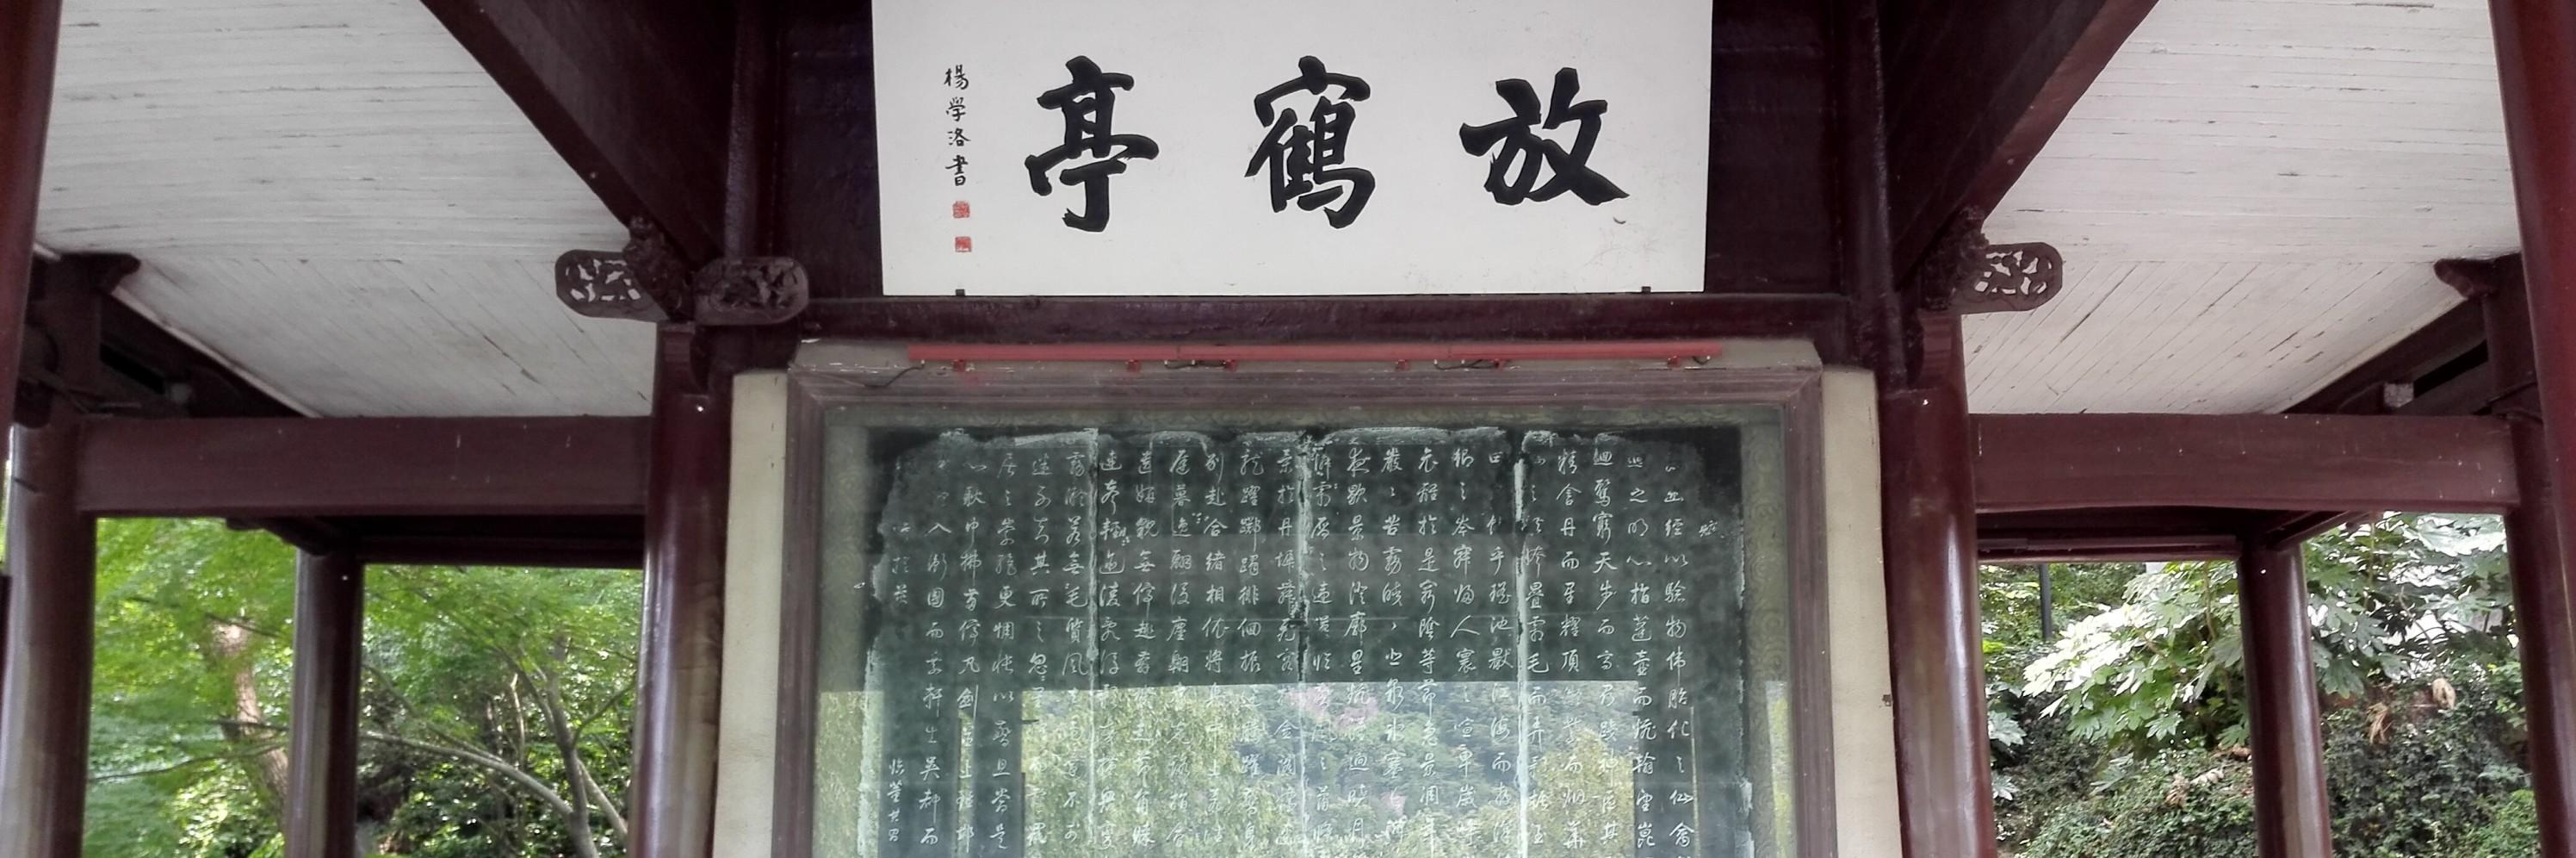 """""""梅妻鹤子""""----杭州孤山的""""放鹤亭""""和林逋墓"""